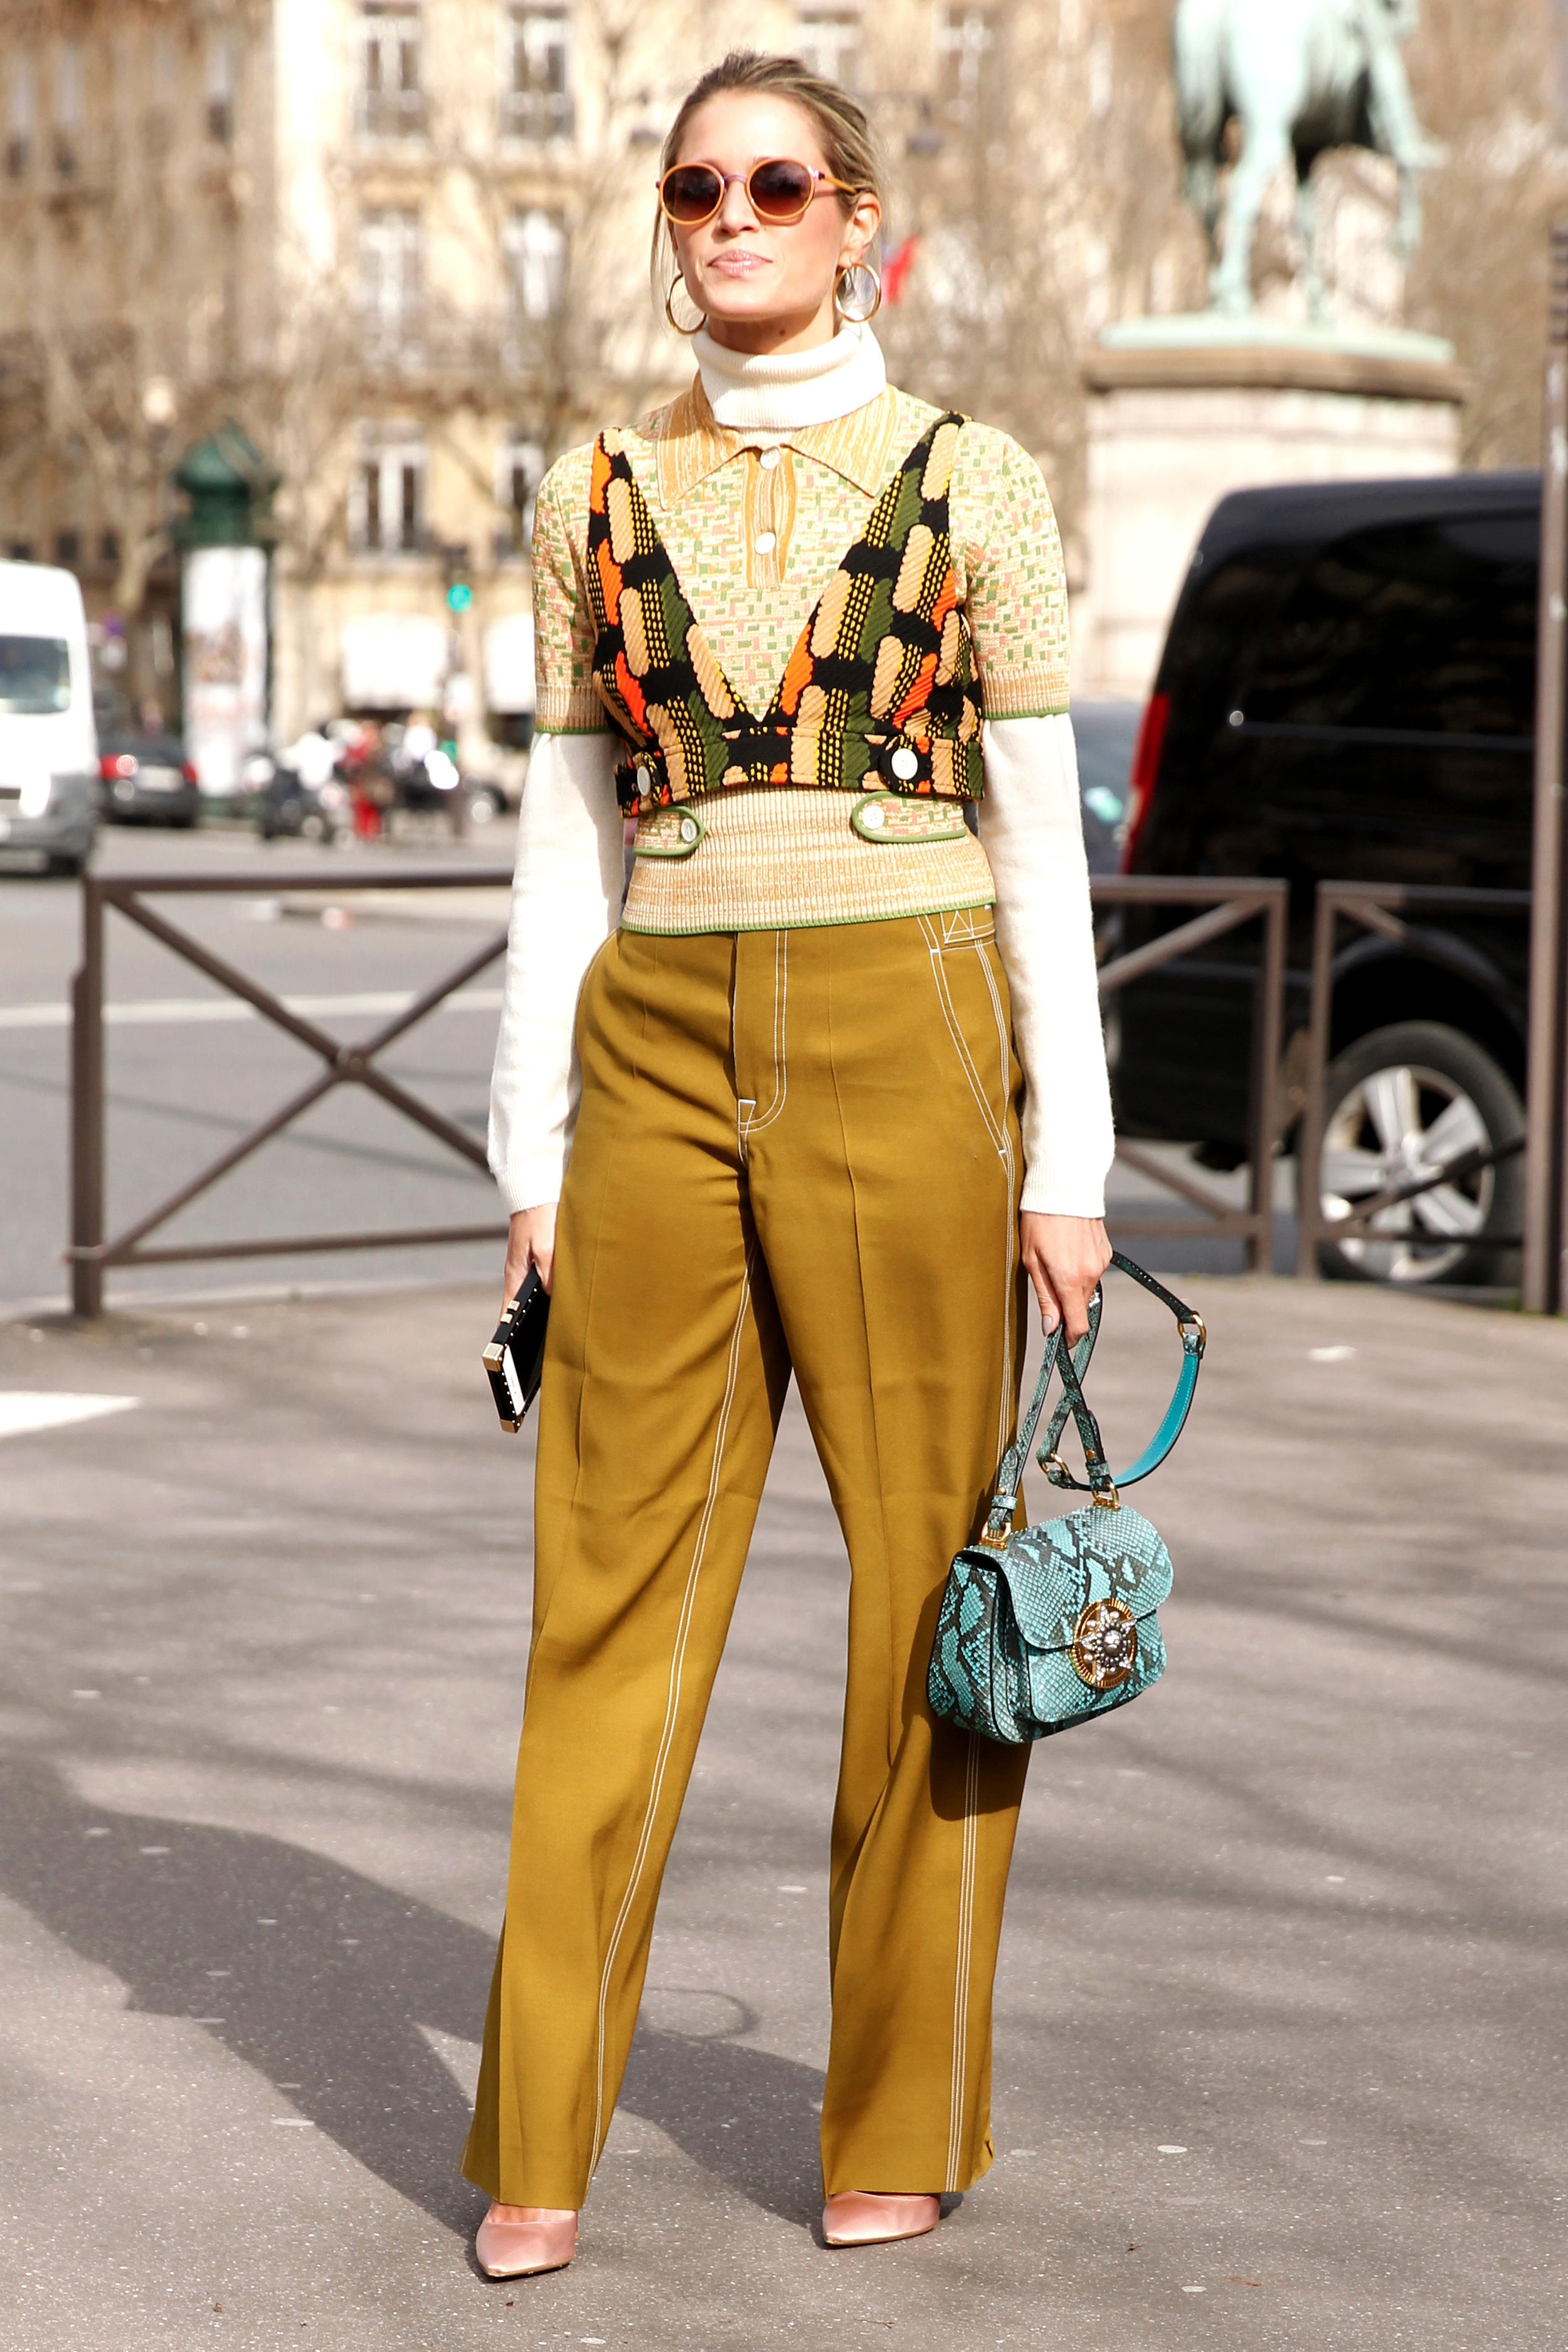 Fashion-Bloggerin Helena Bordon: Klassische Farben mit Bag von Valentino